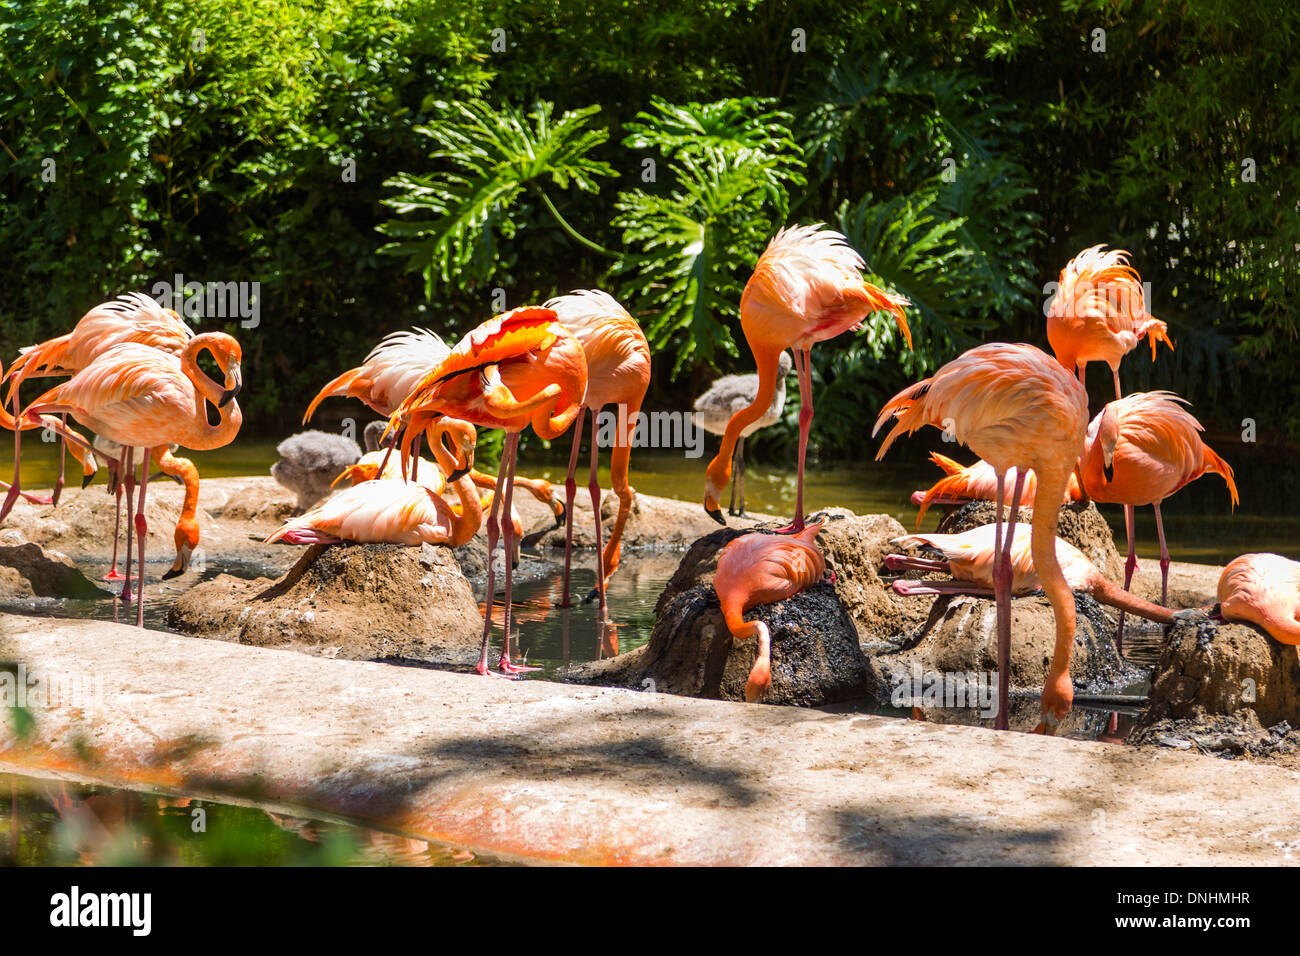 Herde von Flamingos in einem Zoo, Zoo von Barcelona, Barcelona, Katalonien, Spanien Stockfoto